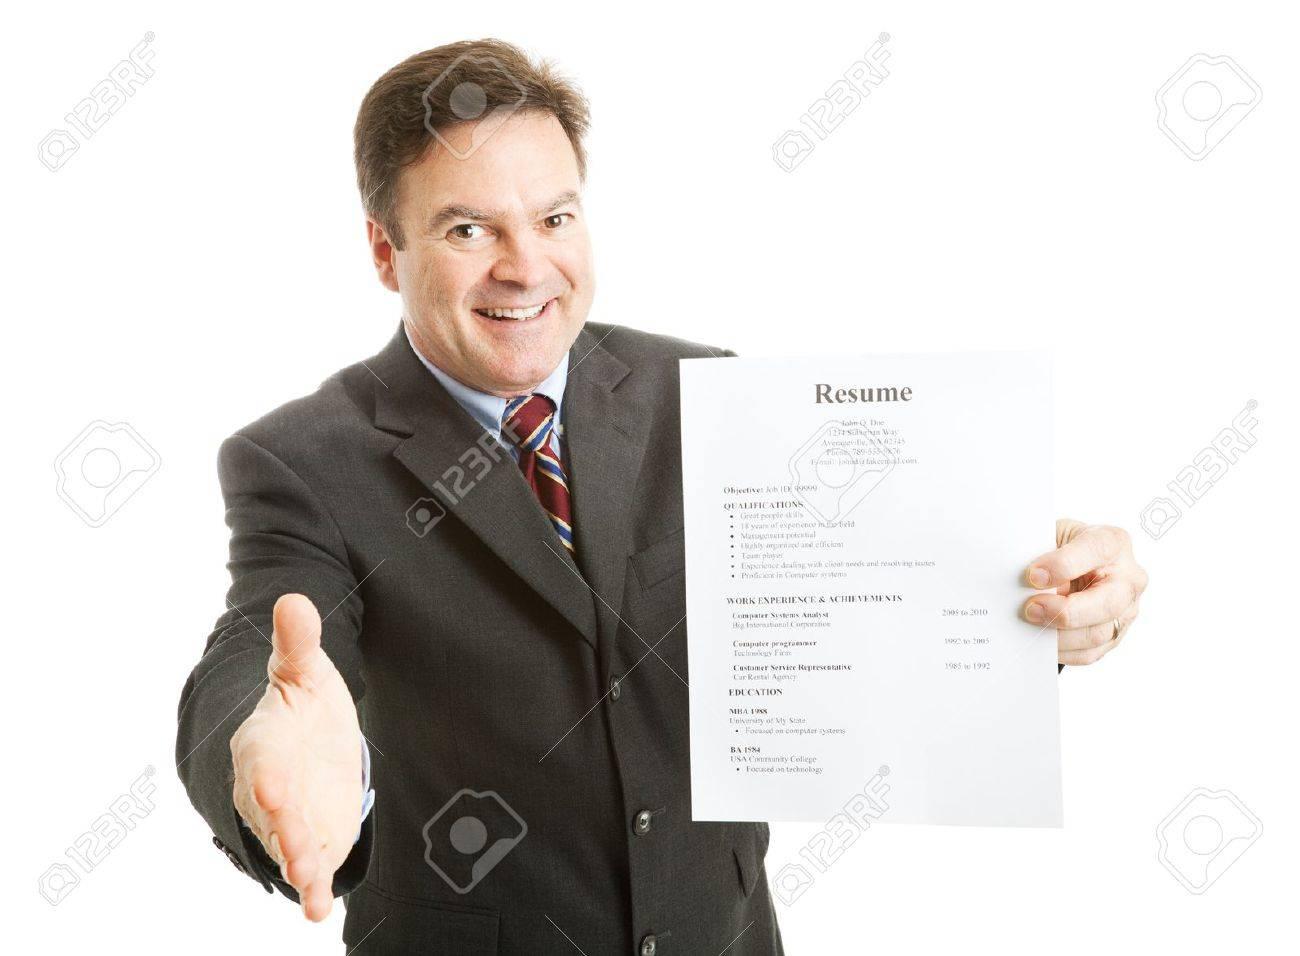 Zuversichtlich Geschäftsmann, bereit, mit seinem Lebenslauf, einem Lächeln  und einem Handschlag. Isoliert